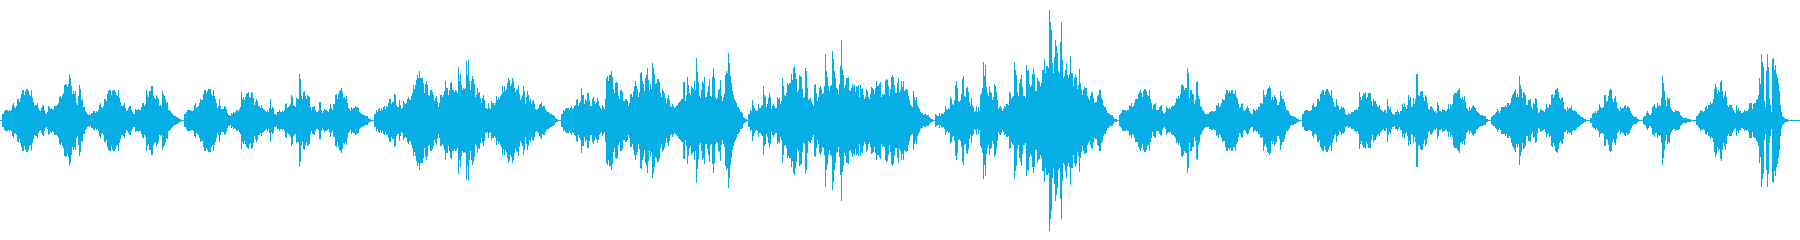 静かで透き通った印象のピアノソロ曲の再生済みの波形